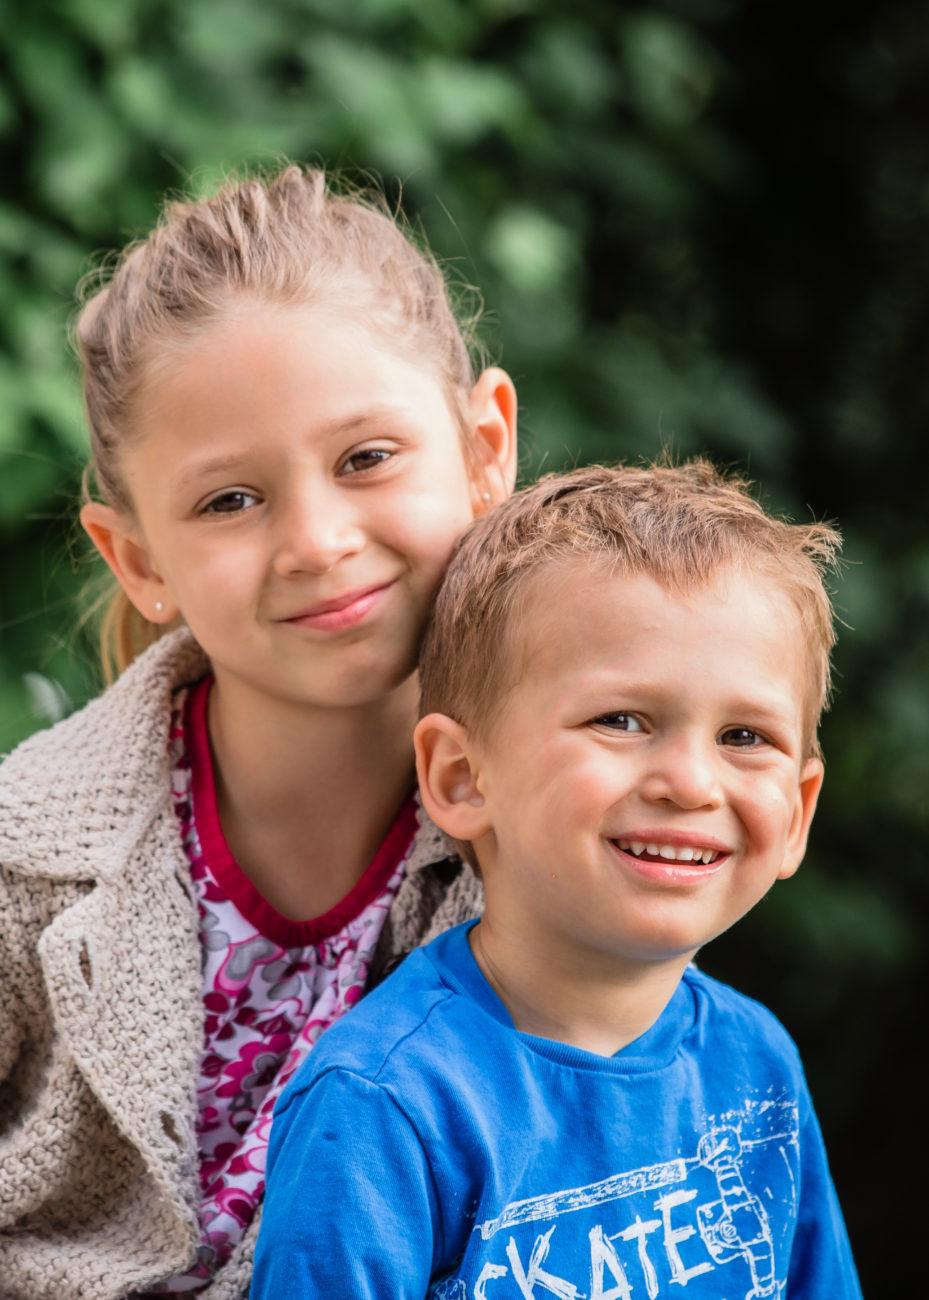 Kinderfotograf Stefanie Fleischmann Augenblicke